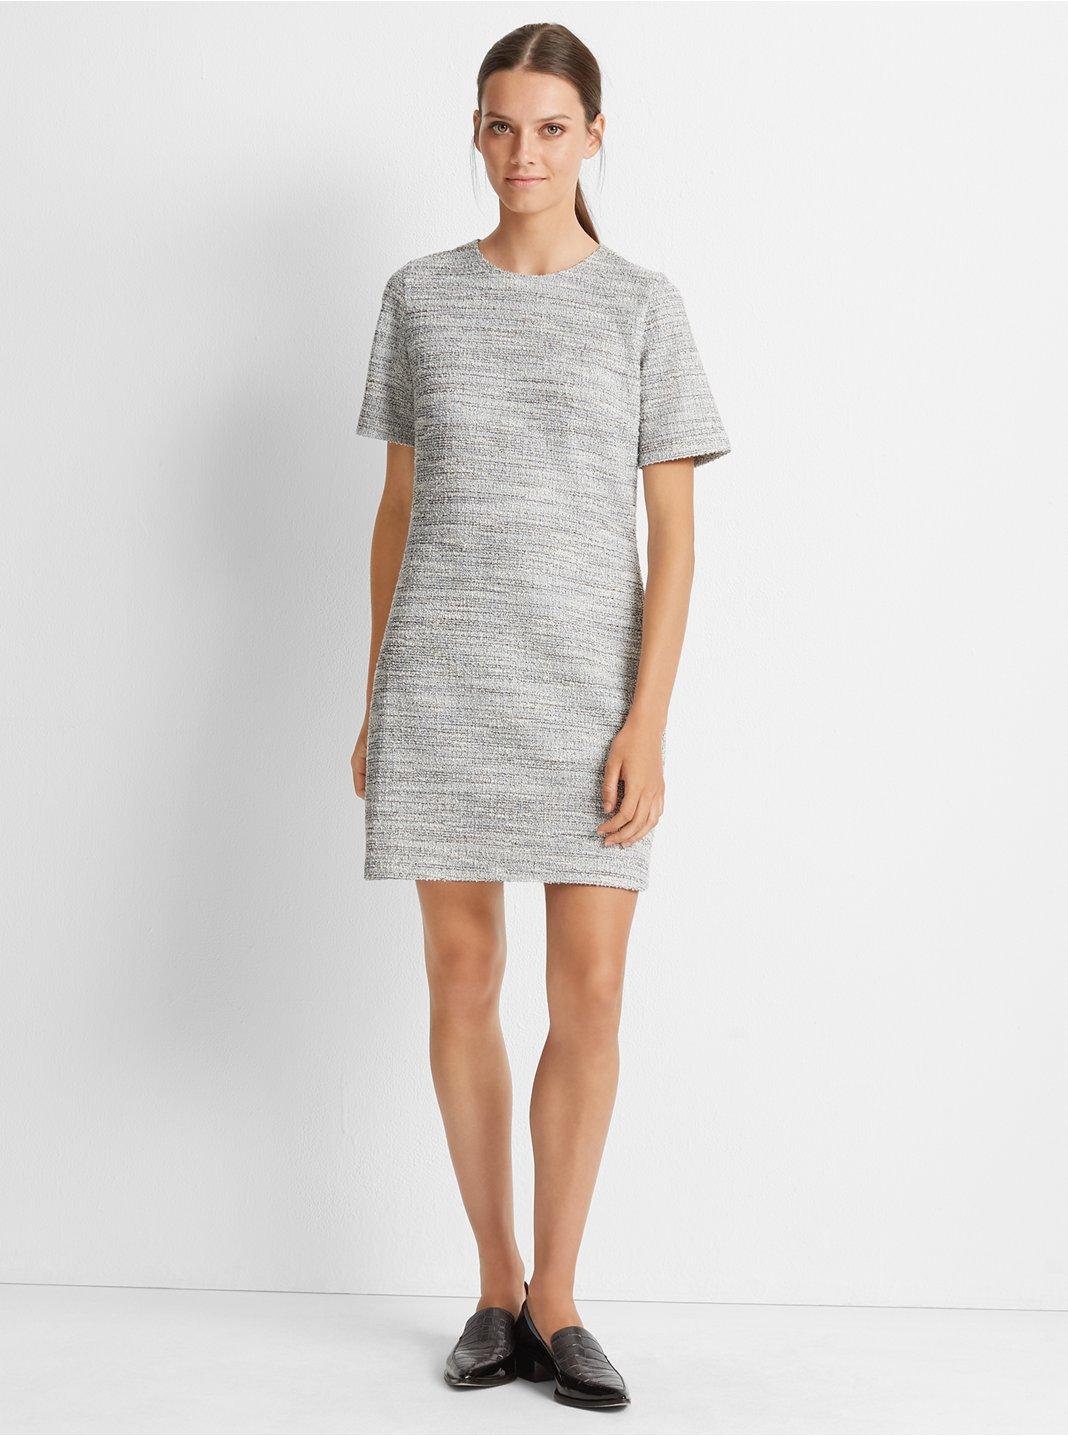 Textured Short Sleeve Dress